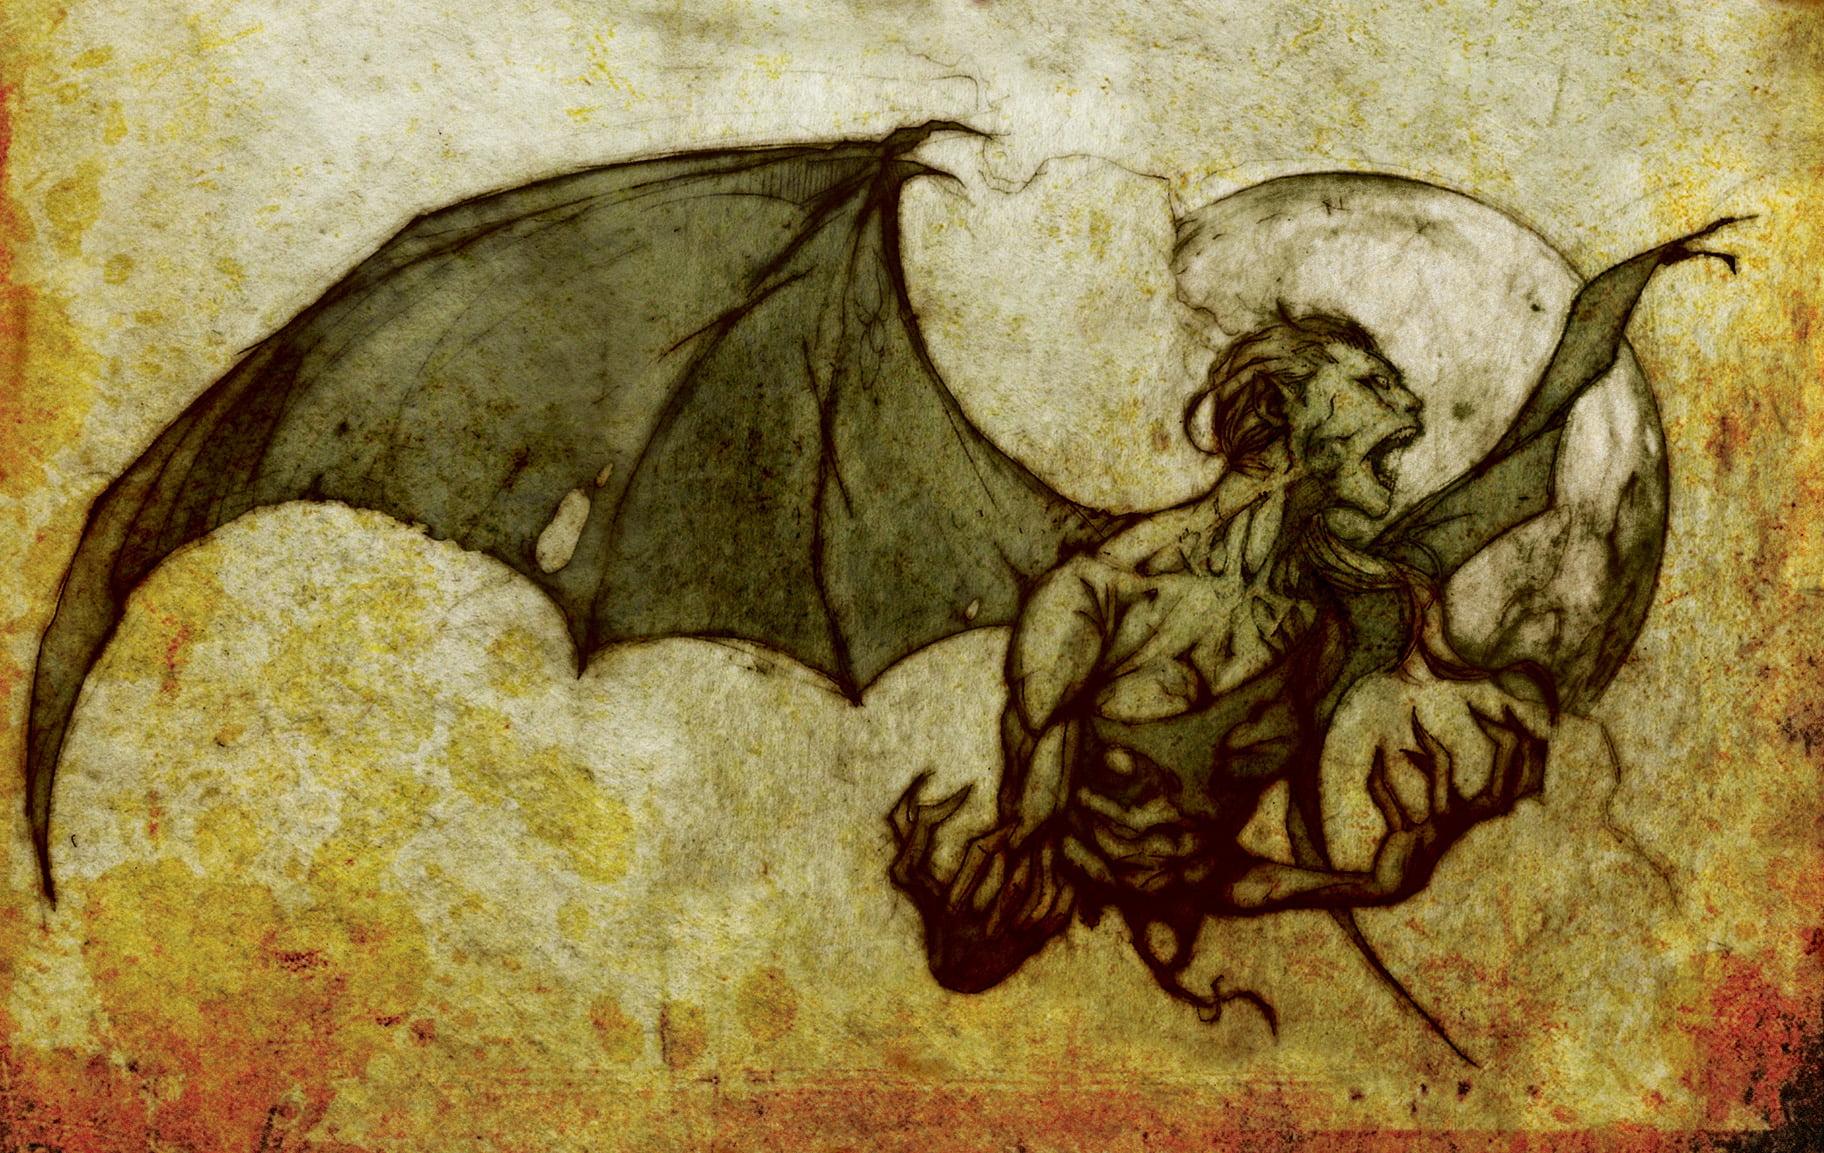 Manananggal vampiri